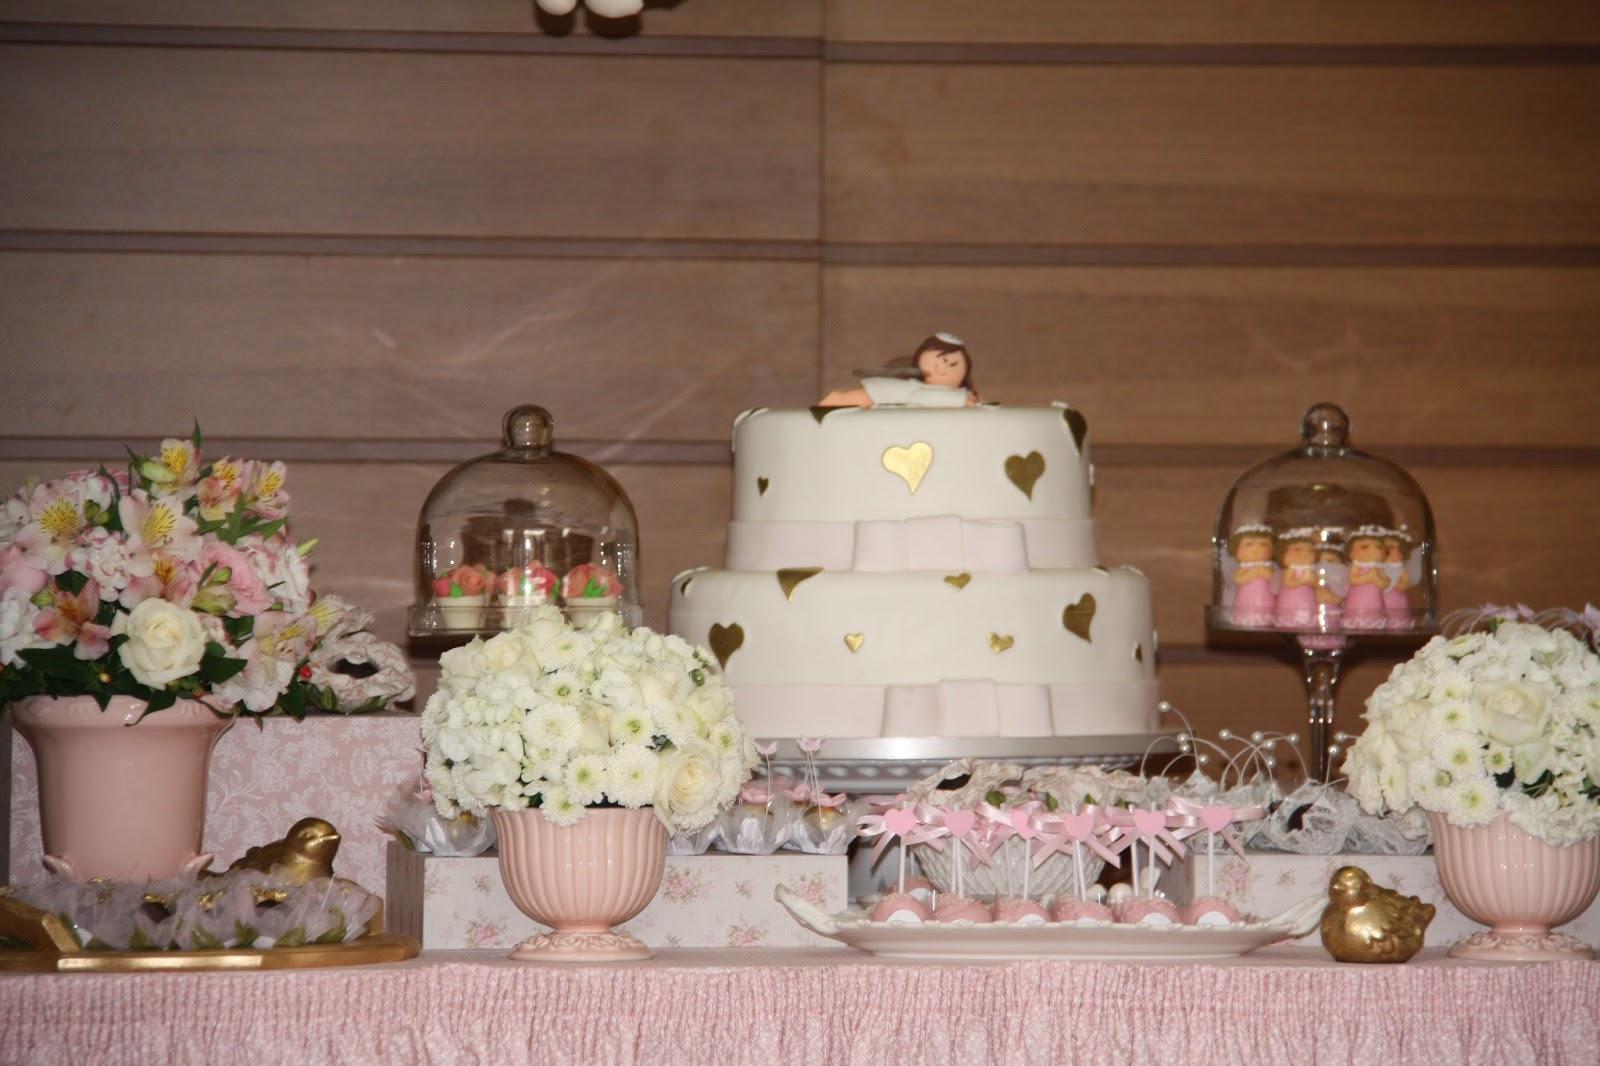 decoracao tudo branco:Festejar é tudo de bom!: Batizado da Helena Branco, rosa e dourado